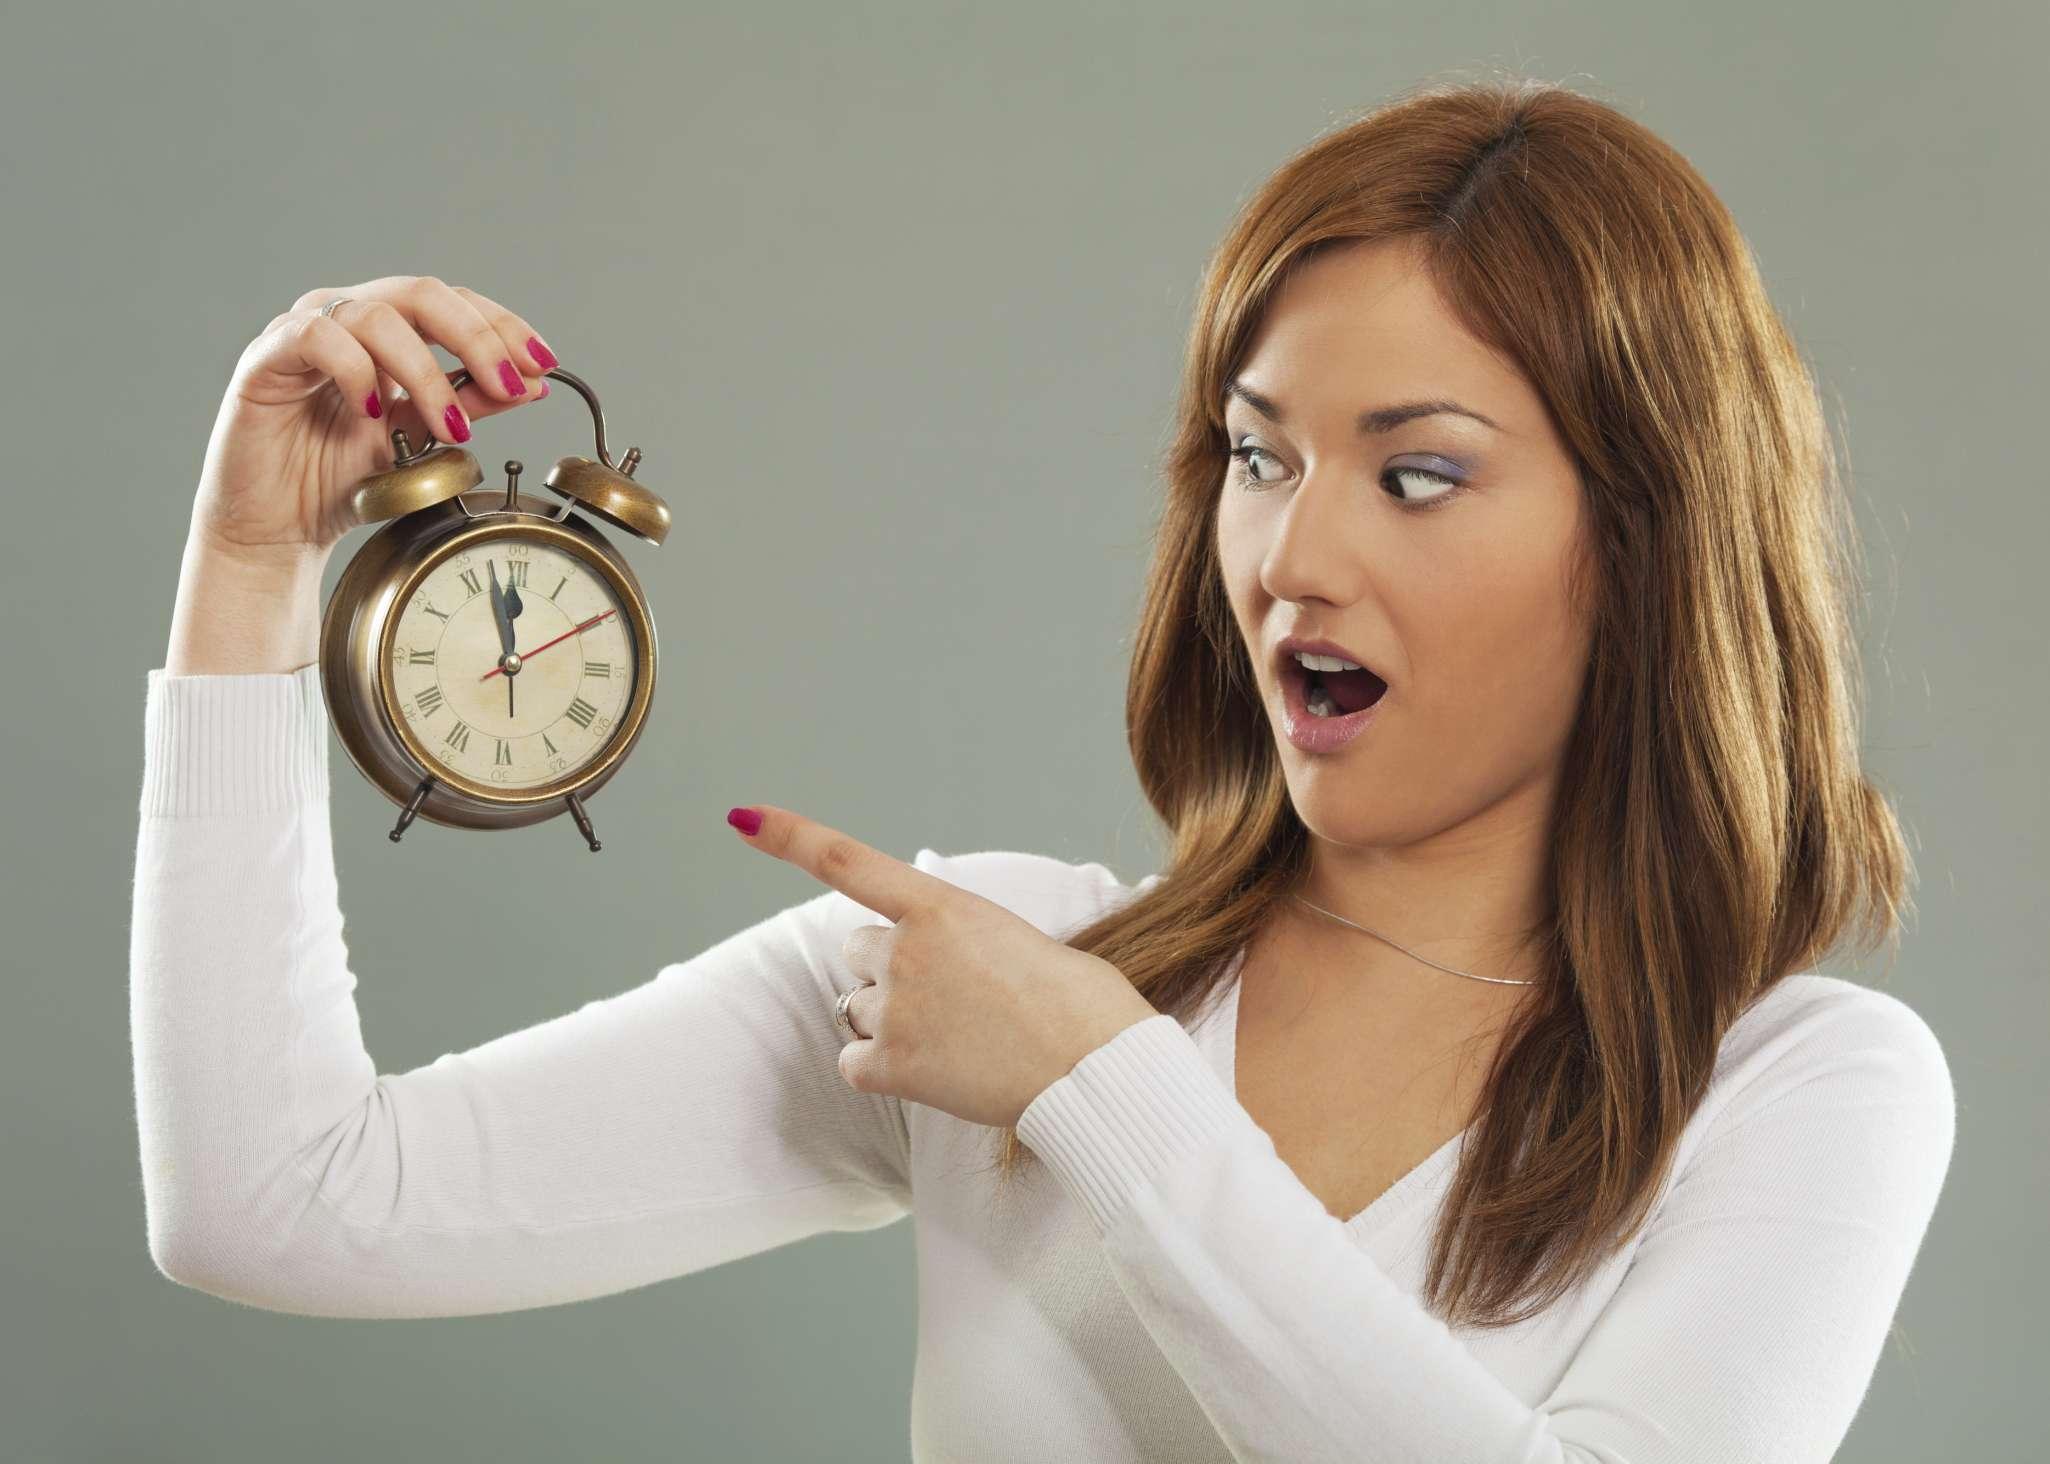 reloj biologico, no hijos, mujer Foto: Thinkstock